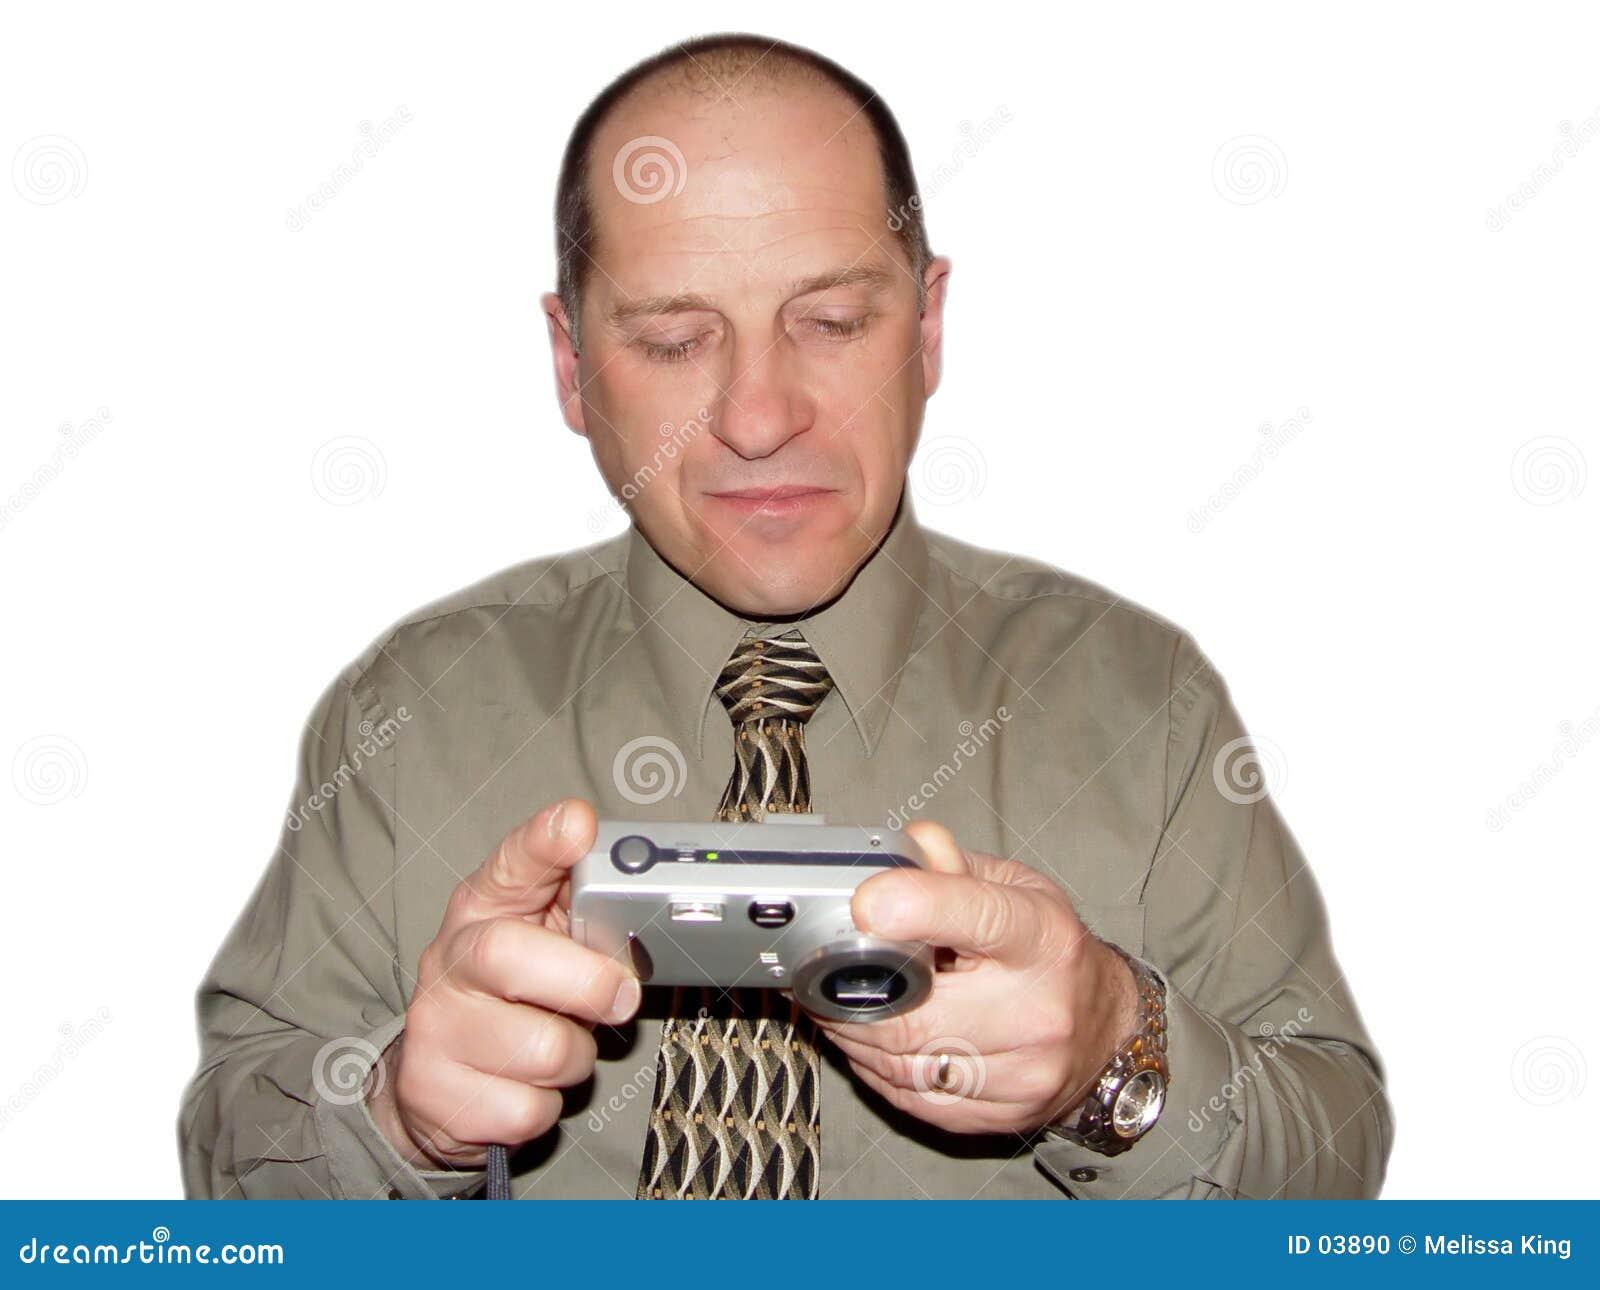 Looking at Photos on Camera